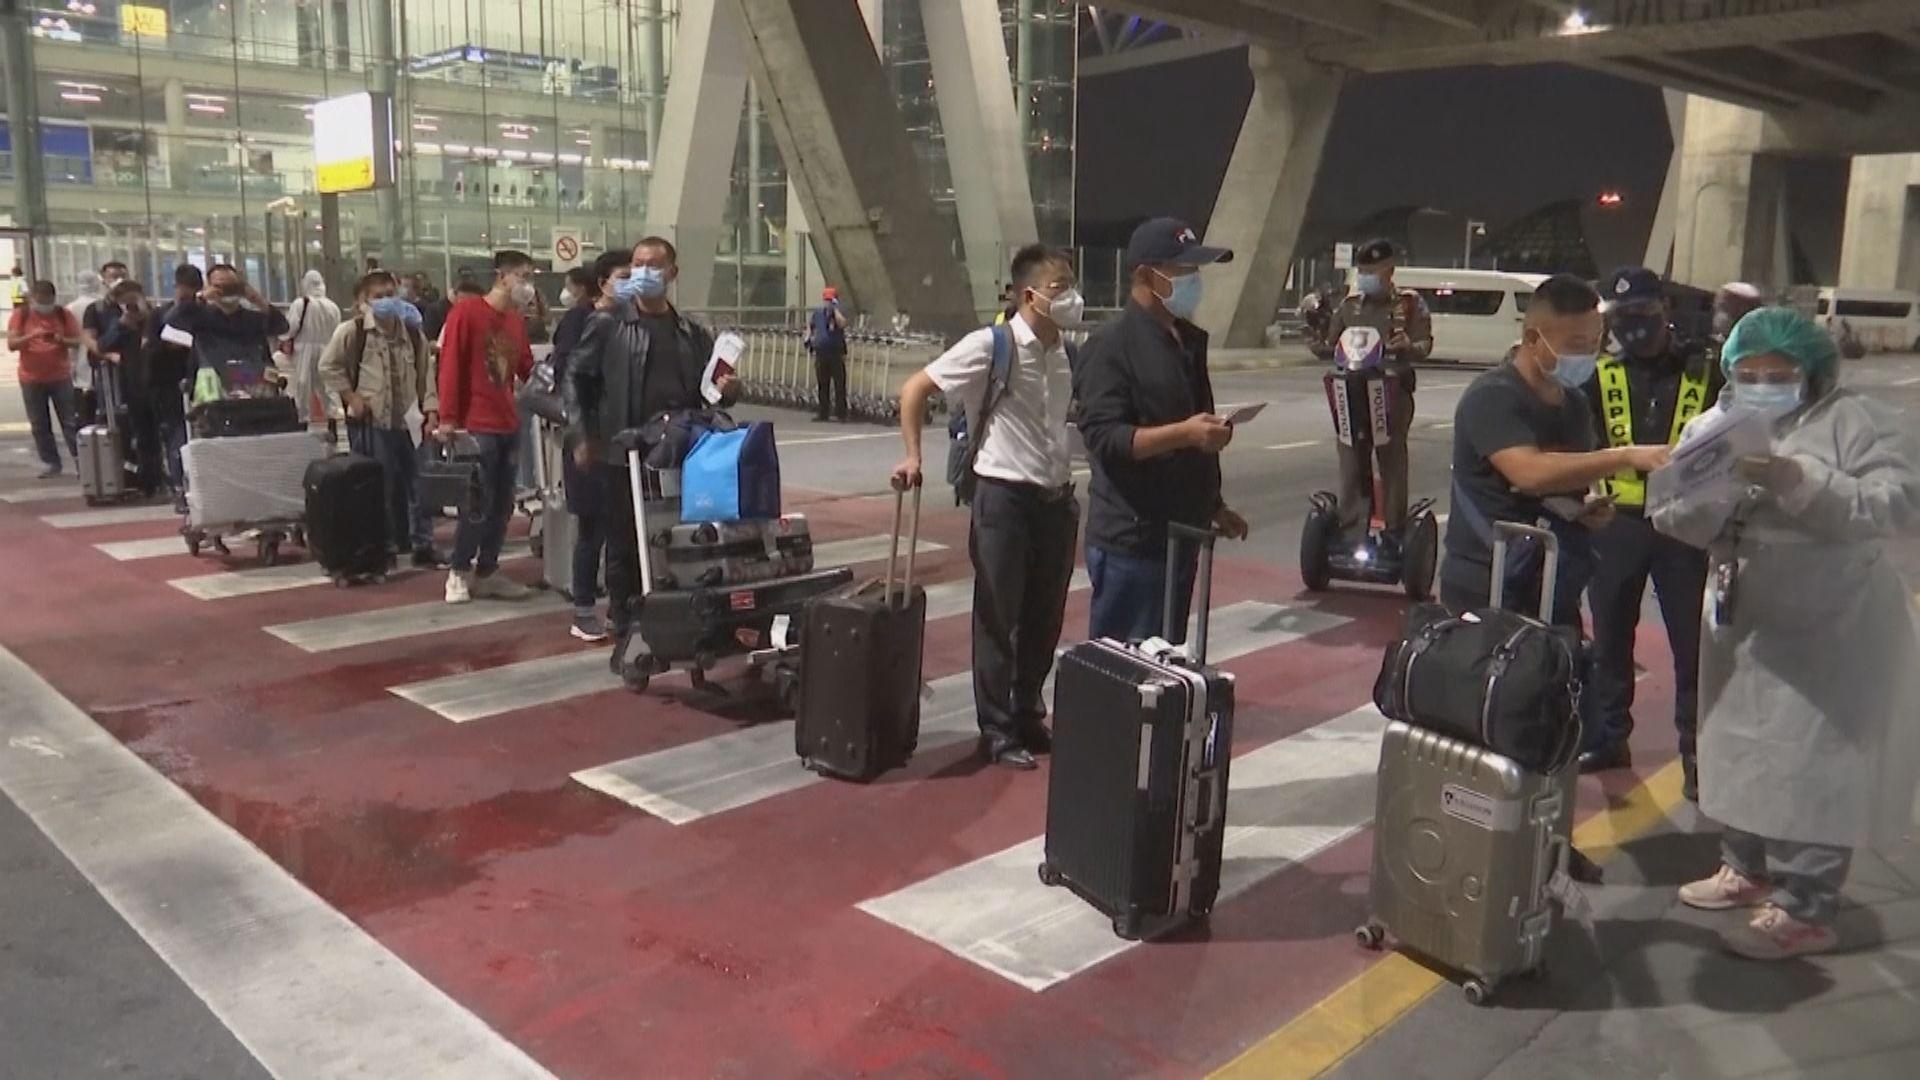 中國首批持特殊簽證遊客抵泰國旅遊 需要隔離14日